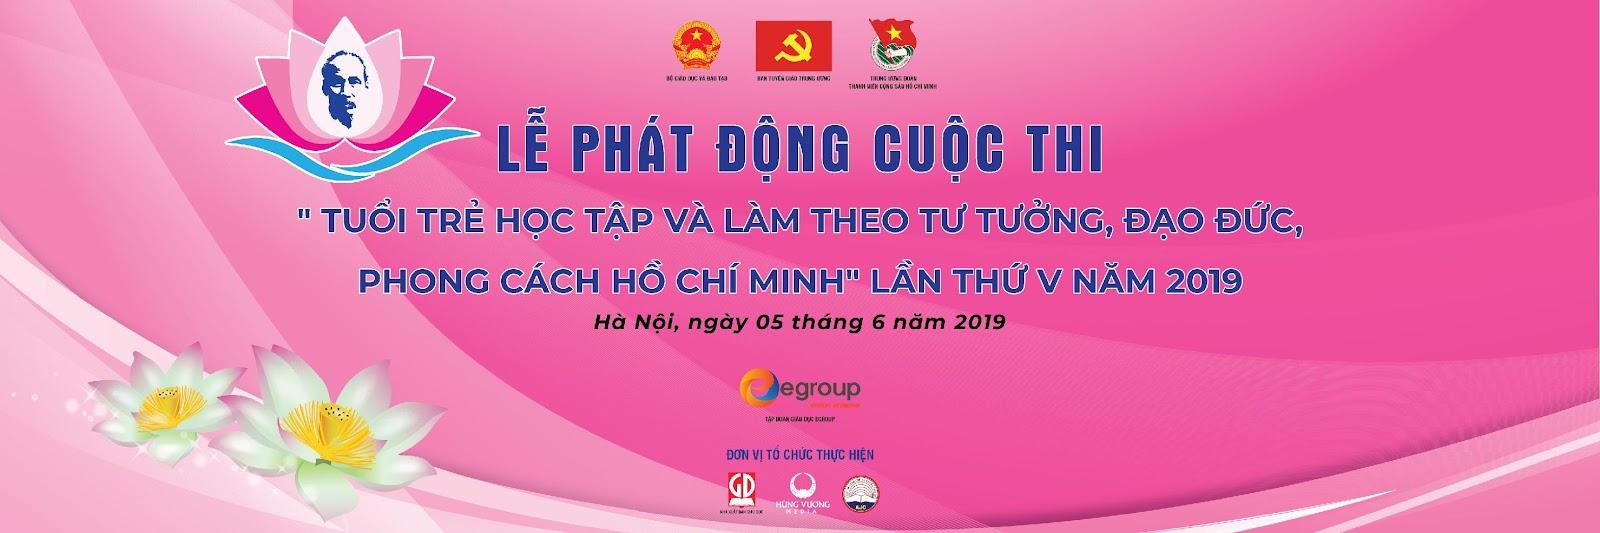 """Phân hiệu ĐHTN tại tỉnh Lào Cai hưởng ứng Cuộc thi """"Tuổi trẻ học tập và làm theo tư tưởng, đạo đức, phong cách Hồ Chí Minh"""" năm 2019"""